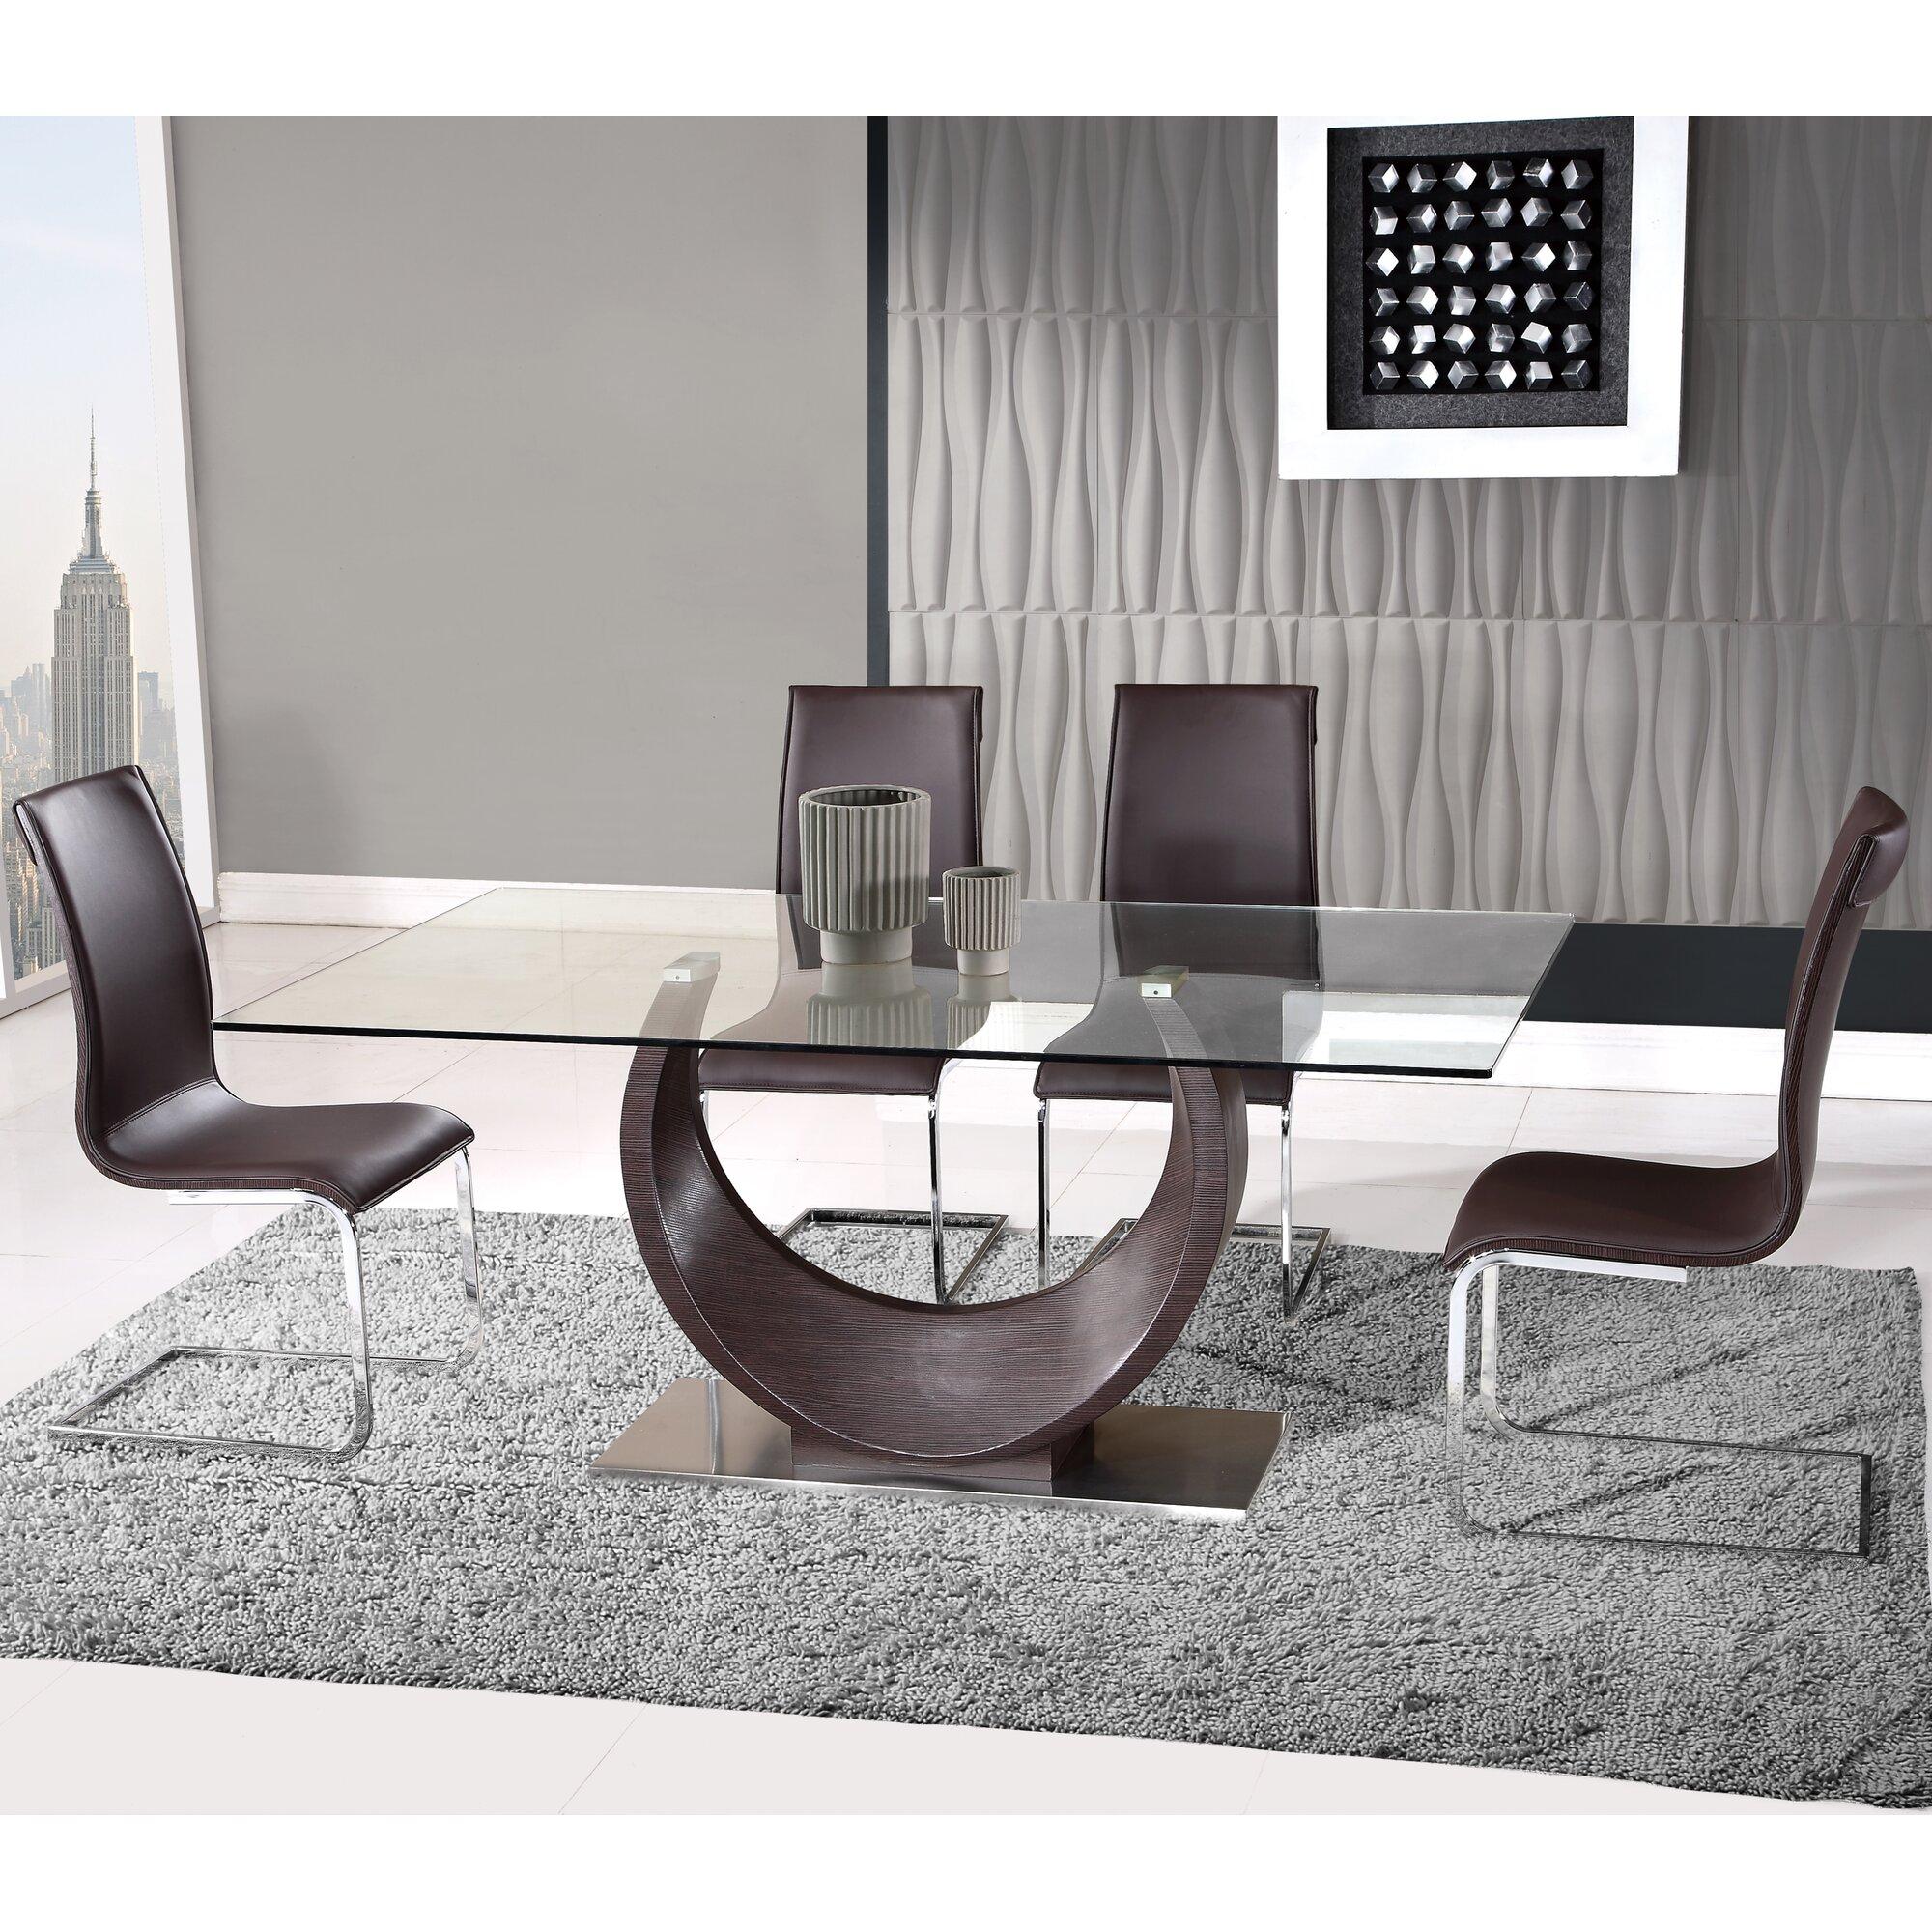 Global Furniture USA Dining Table & Reviews | Wayfair